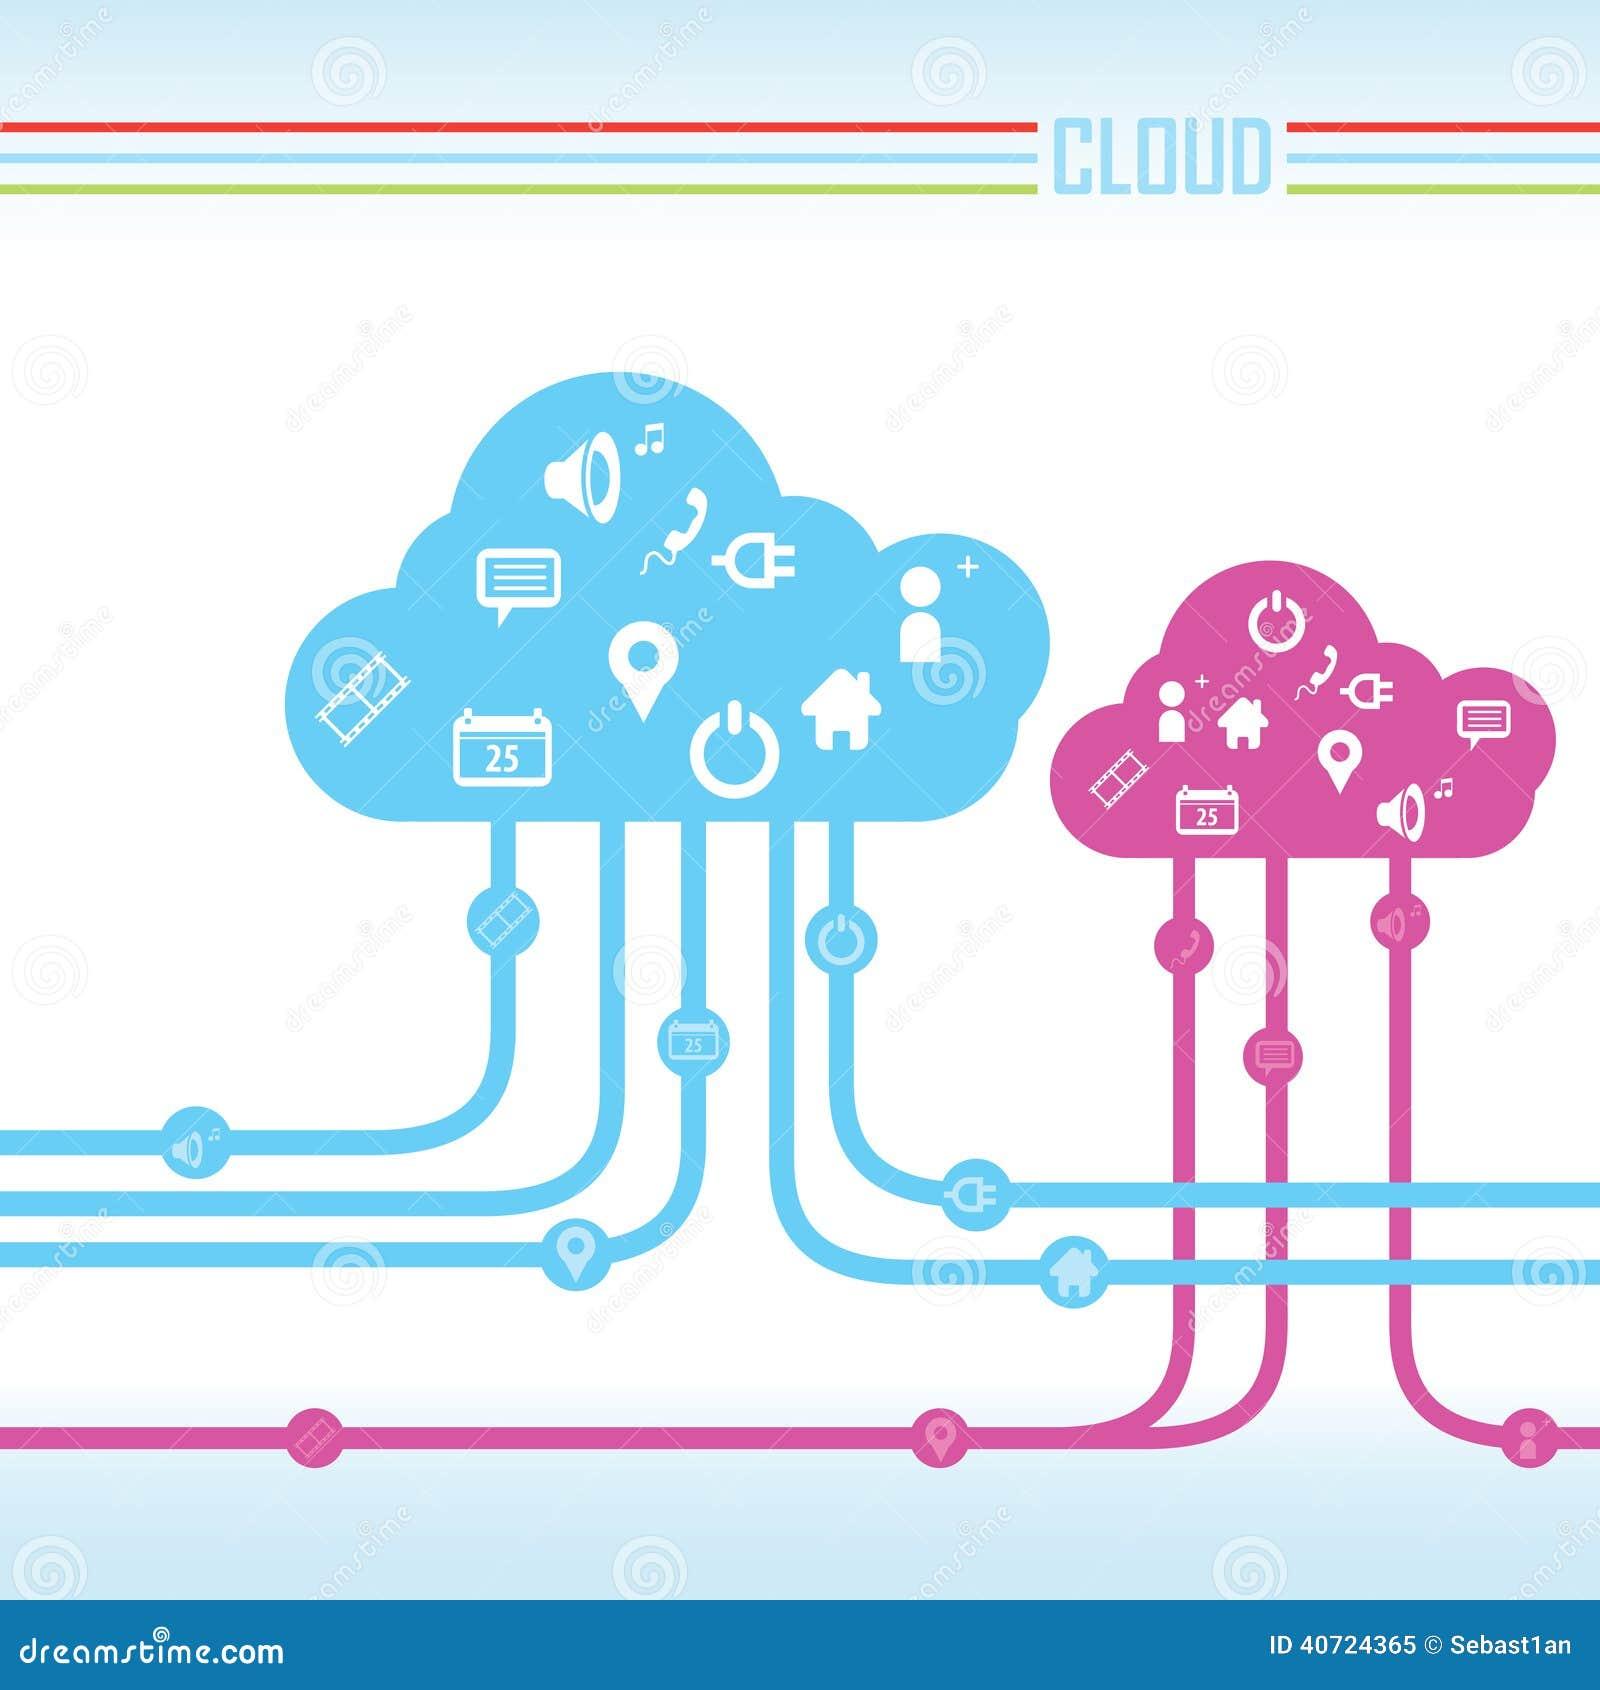 SMAU 2010 - Microsoft si apanna la computazione